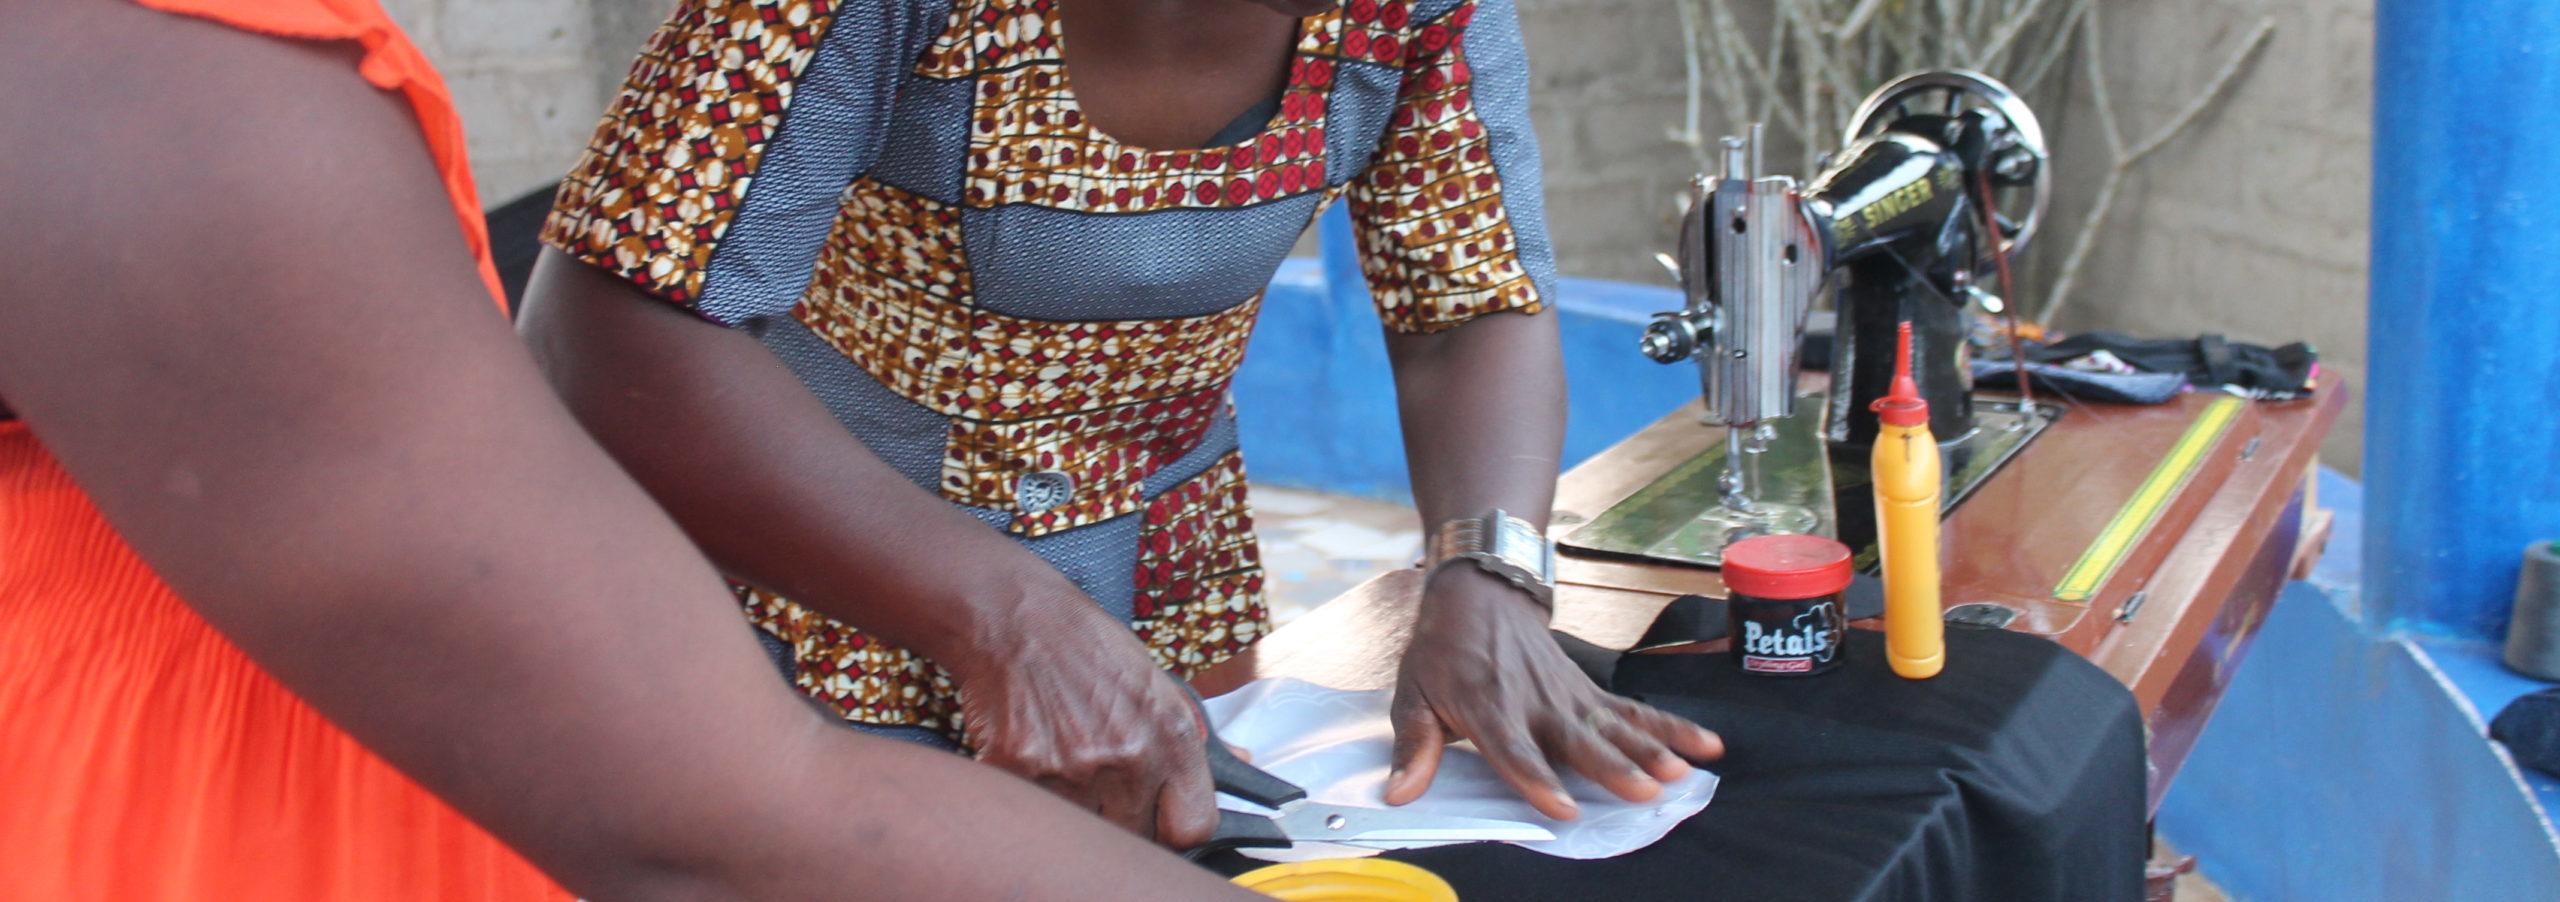 Confection de serviettes hygiéniques lavables : création d'emplois